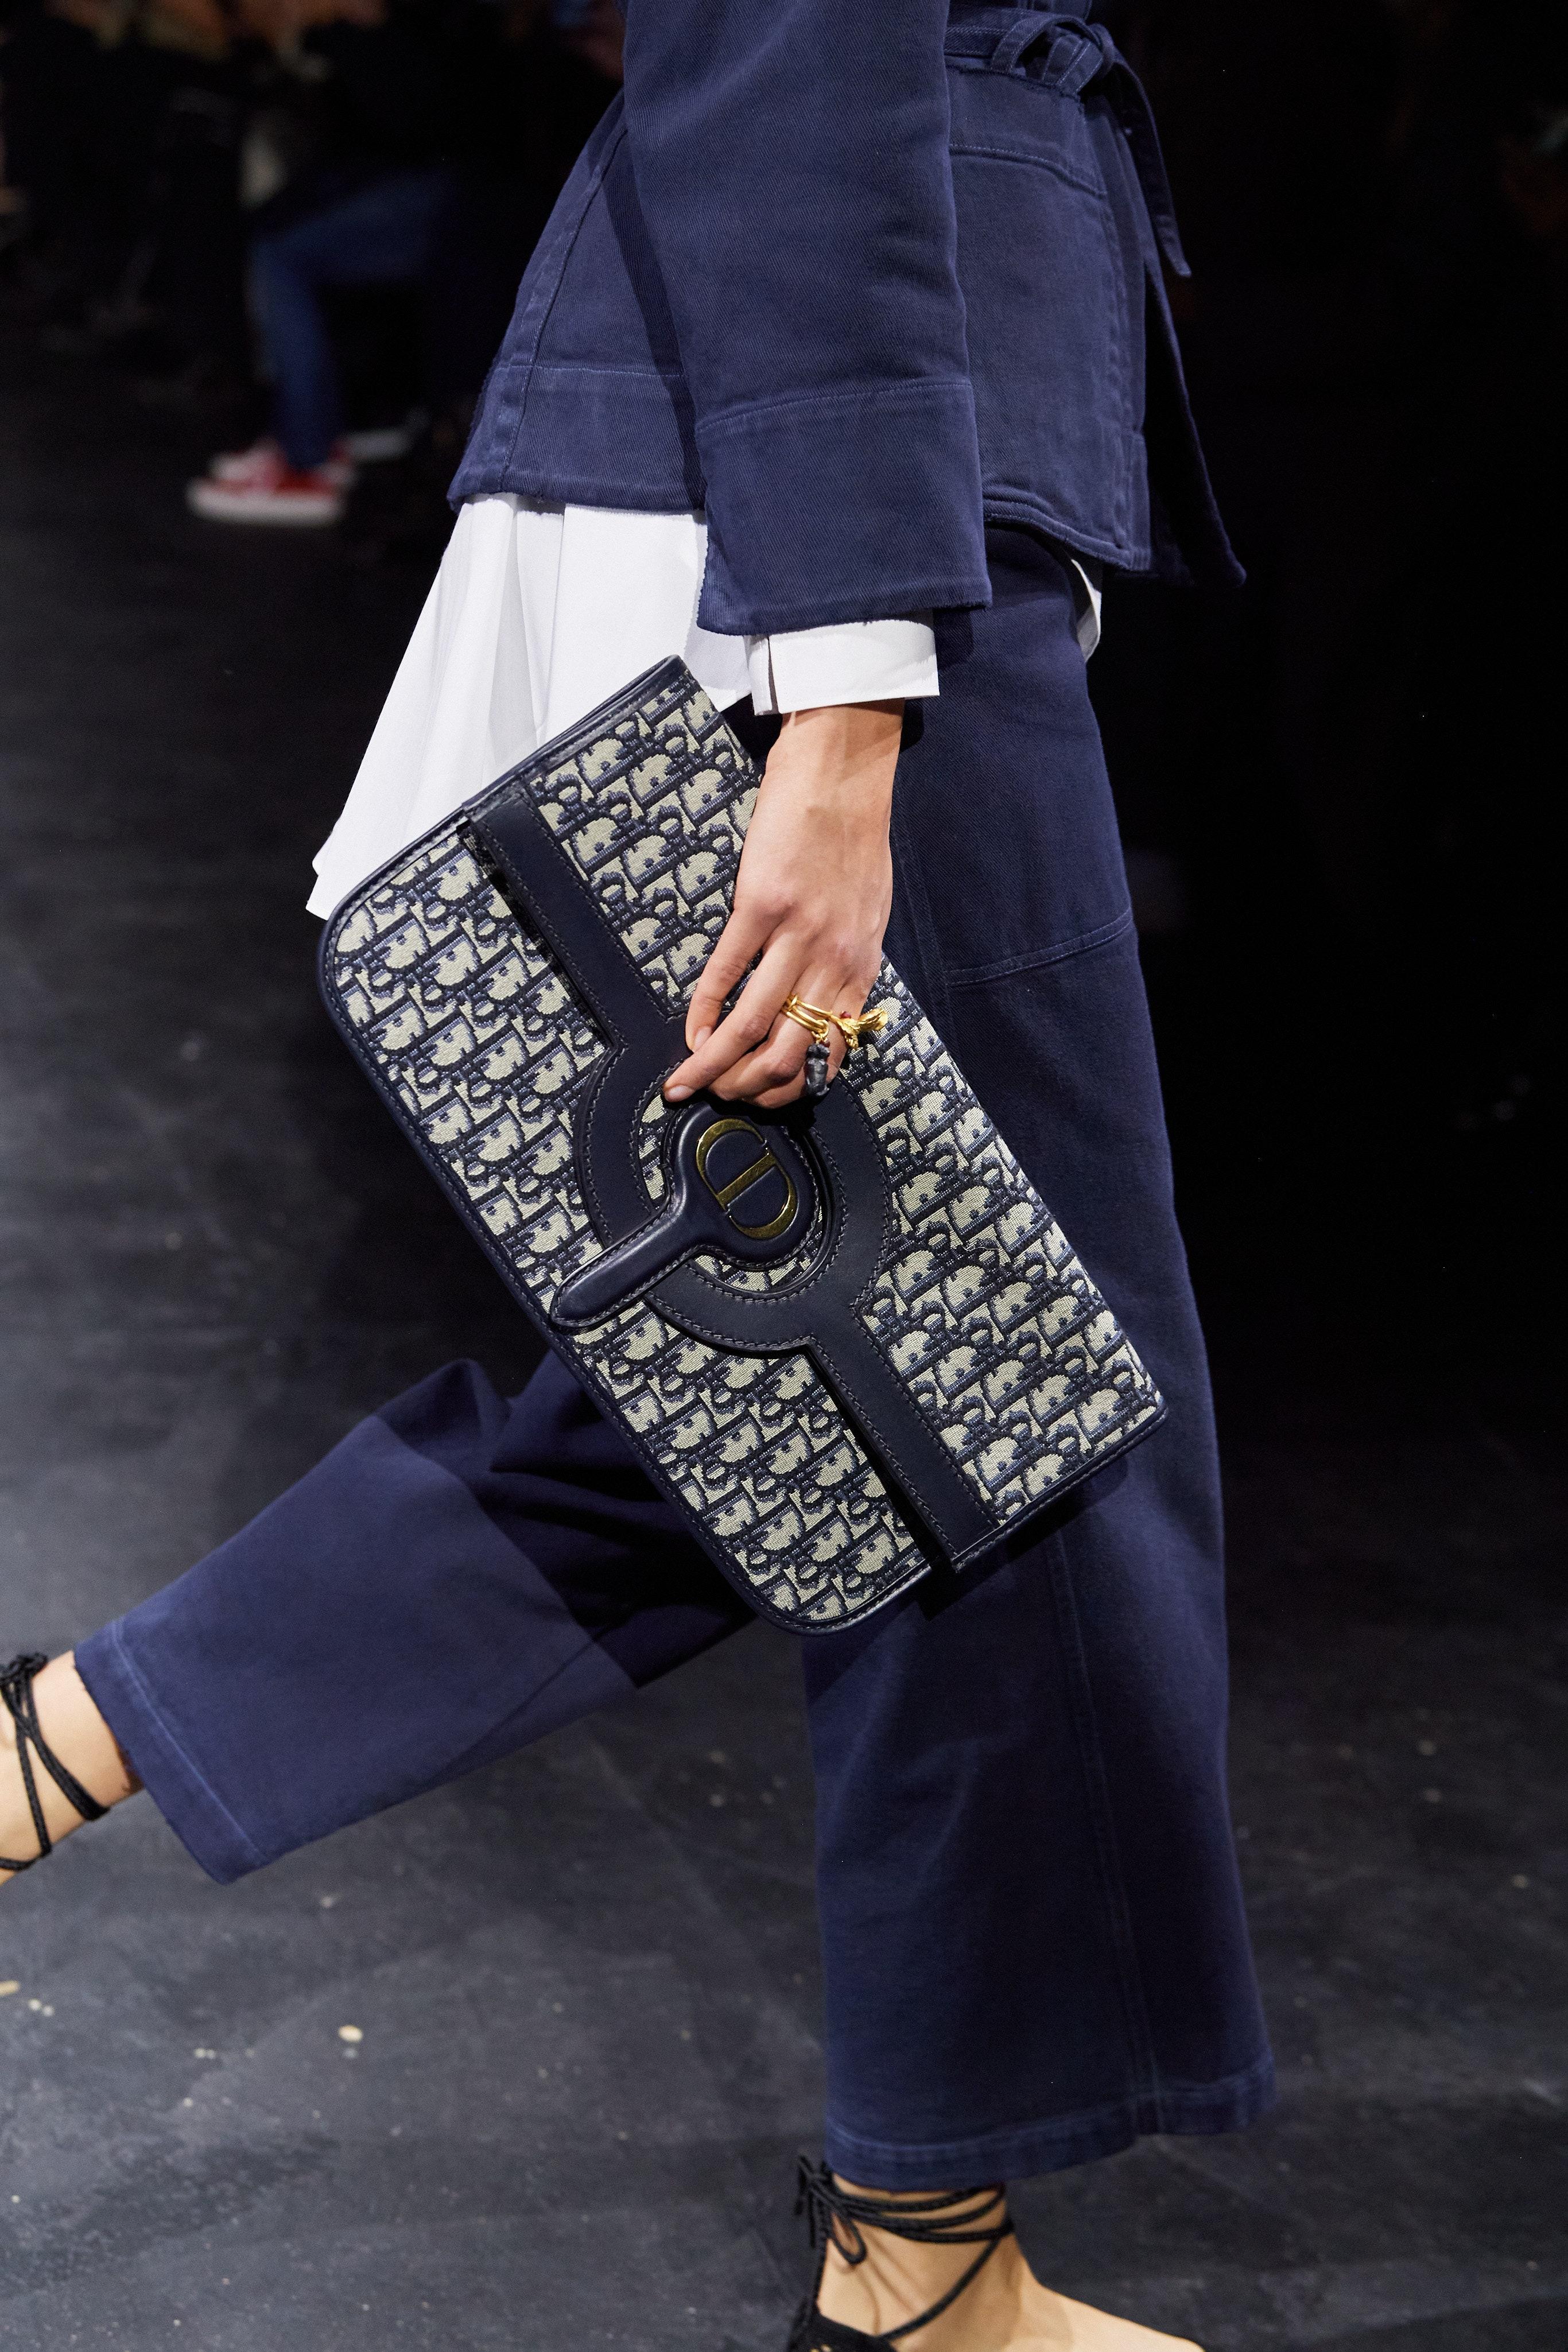 Dior 30 montaigne clutches spring 2021 handbags collection